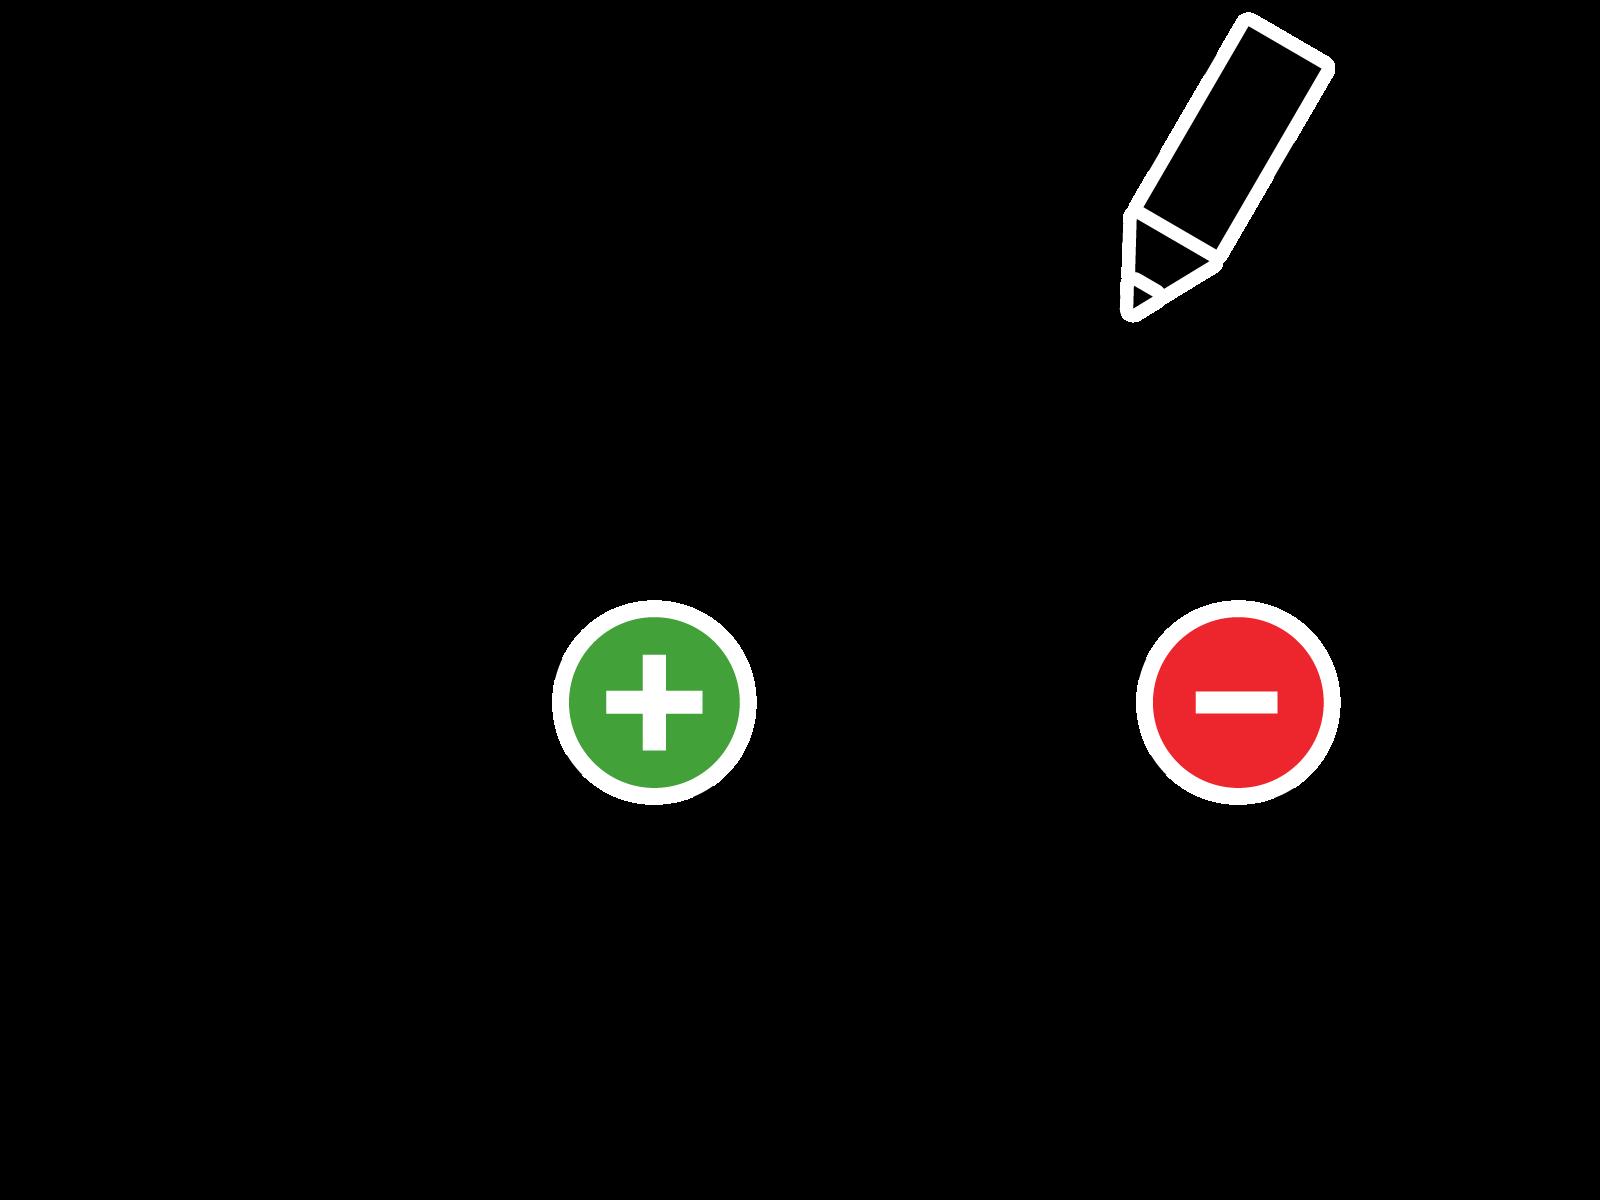 標準モジュールの挿入方法と削除方法